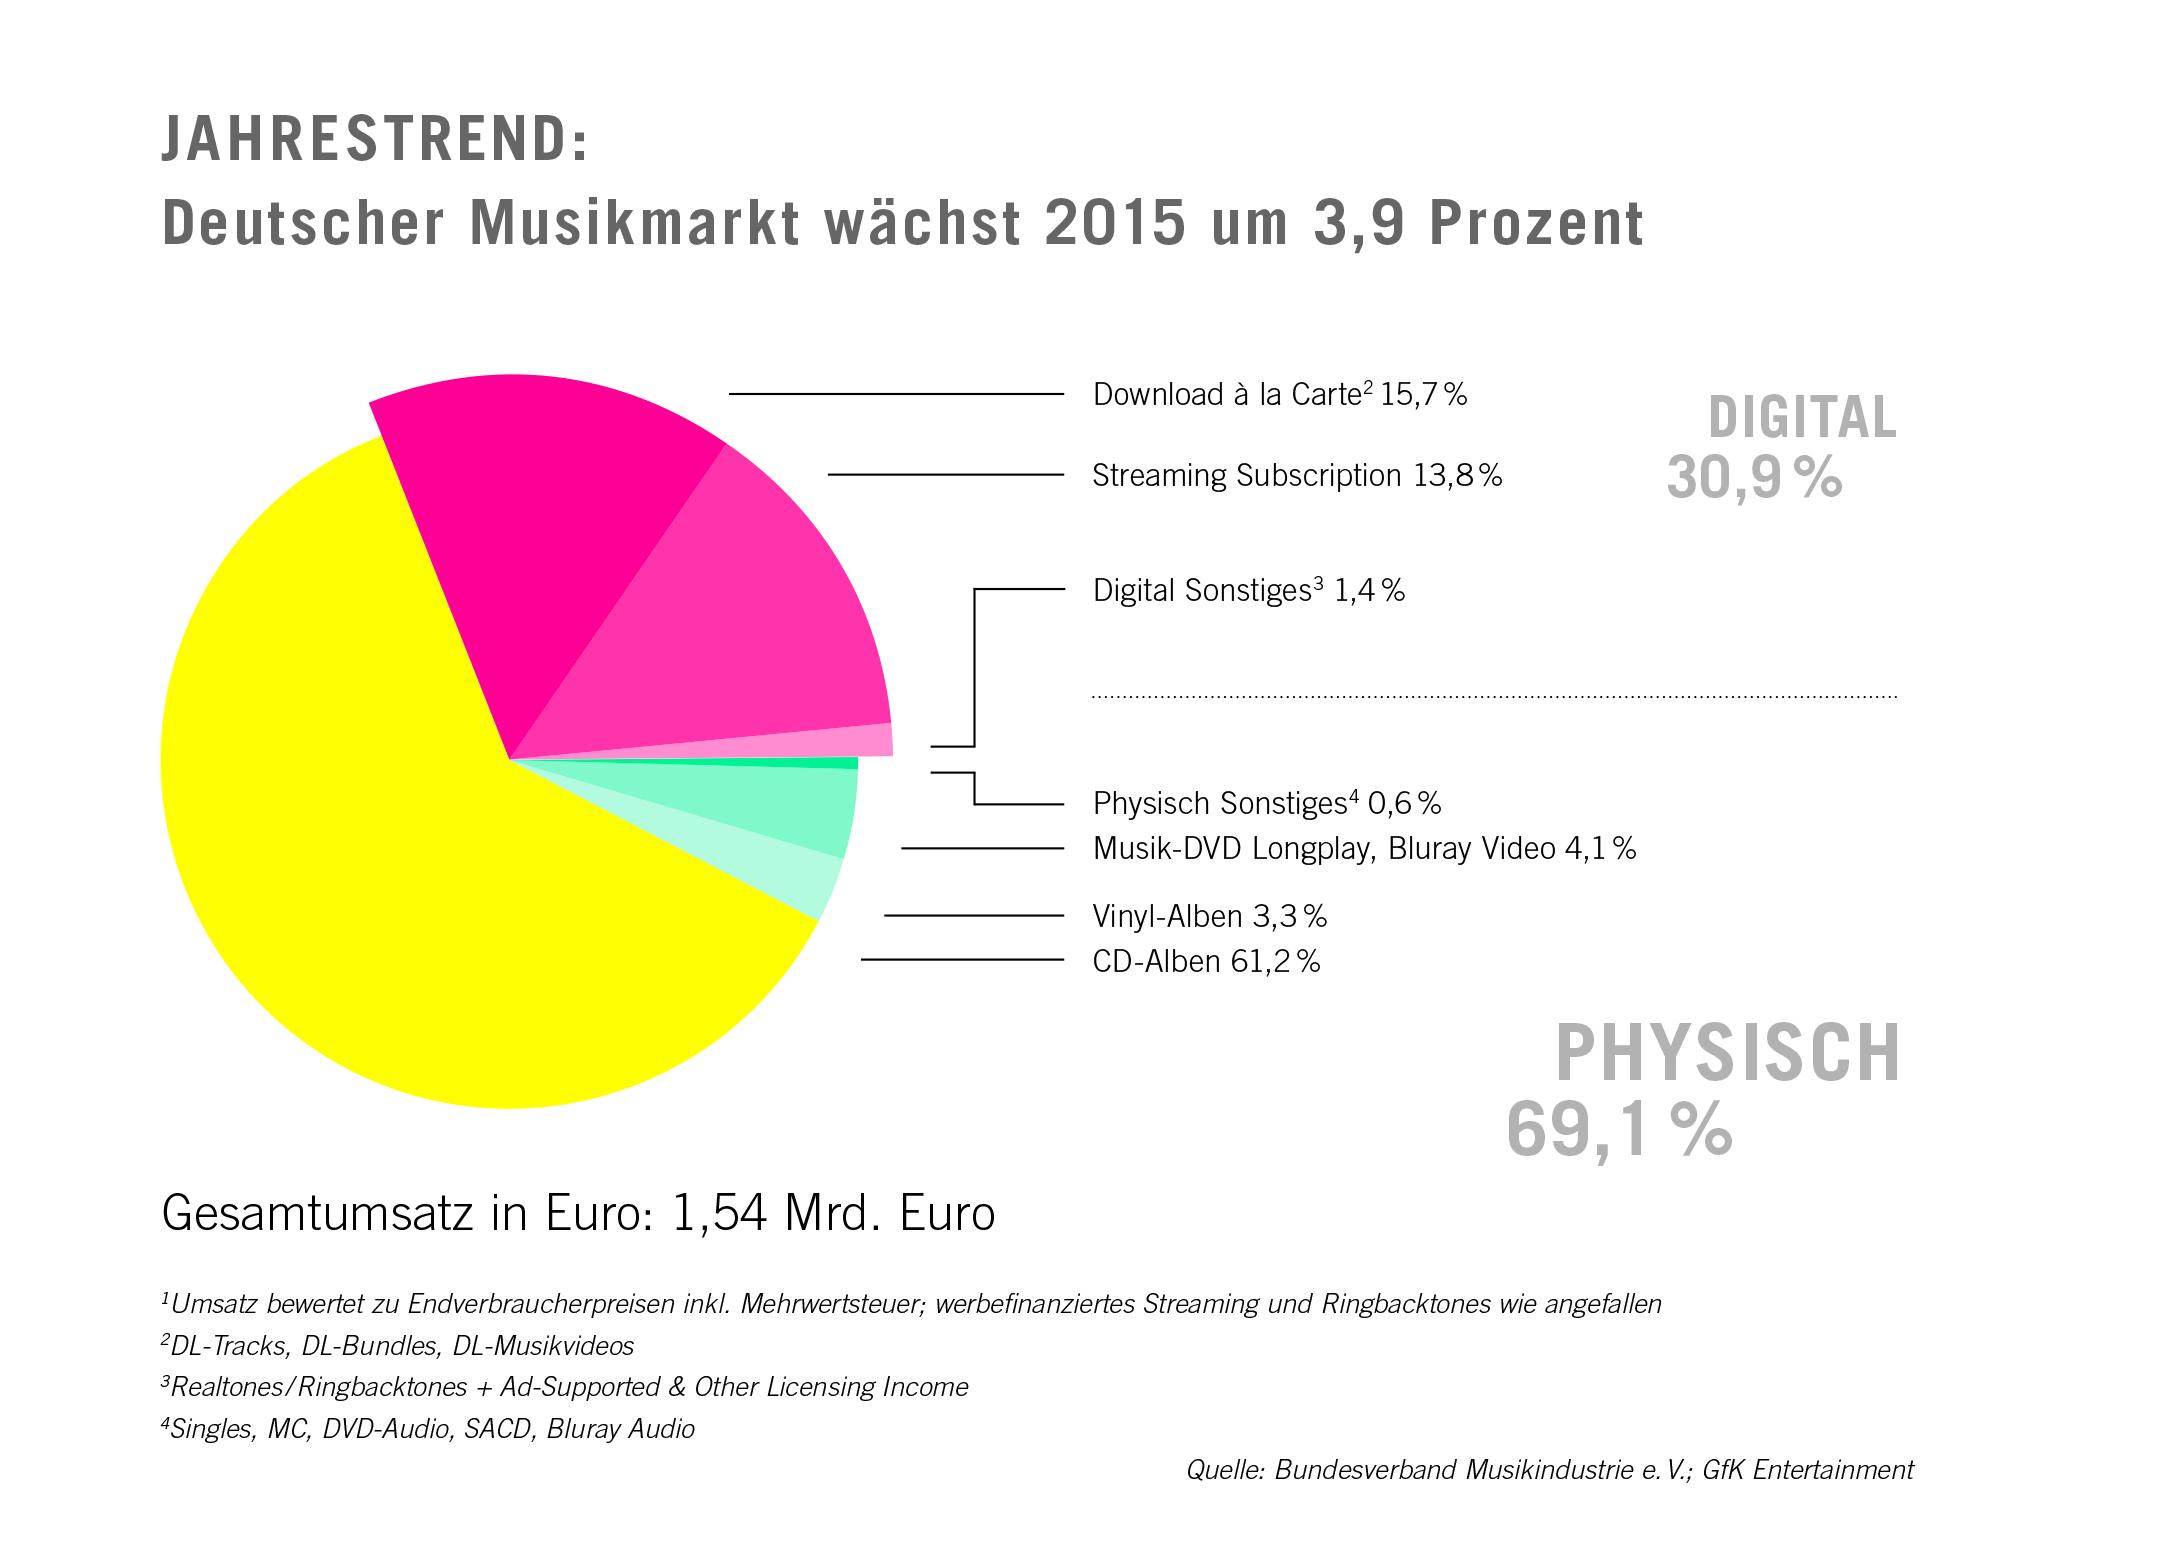 Deutscher Musikmarkt 2015 - Quelle: BVMI